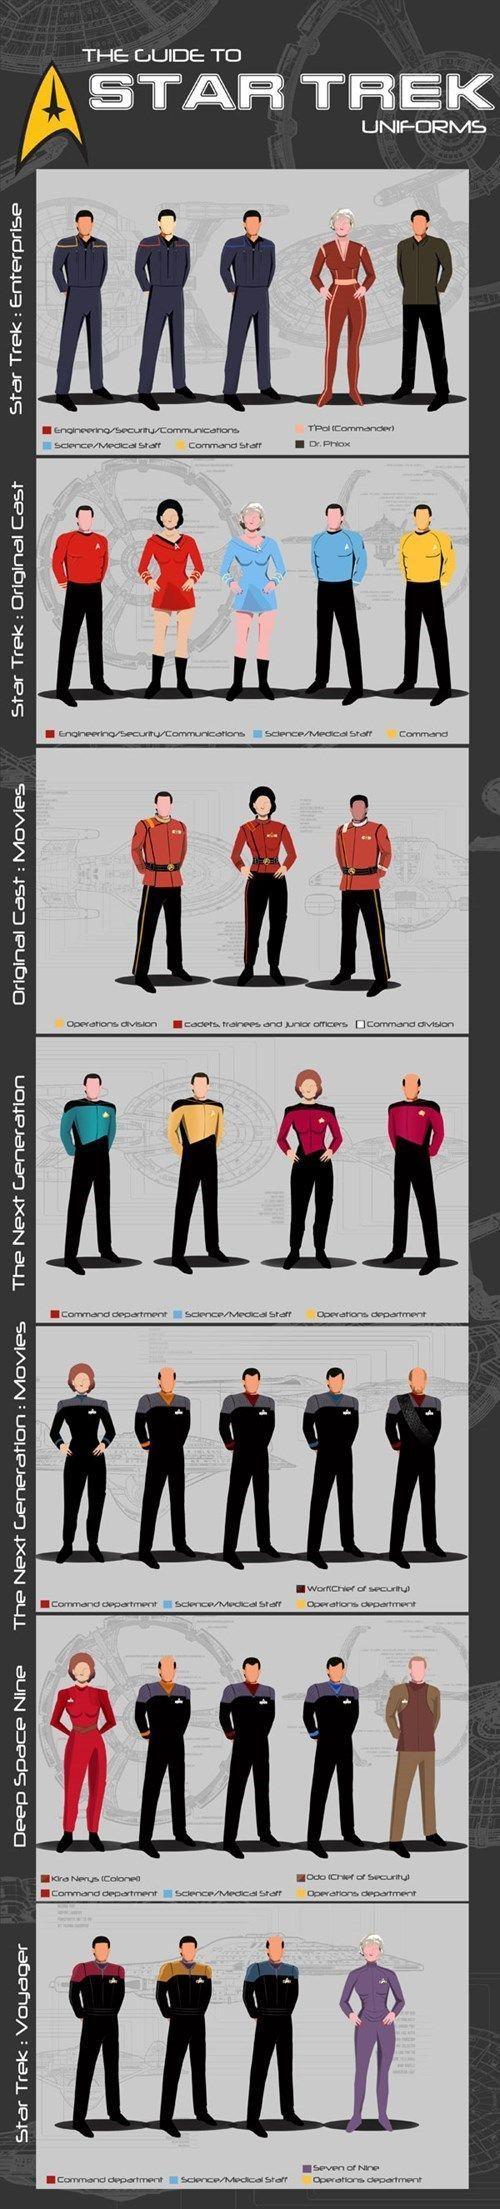 El universo de Star trek es tan grande como la misma Vía Láctea. Prueba de ello es esta infografía con el diseño de los uniformes de Star Trek.